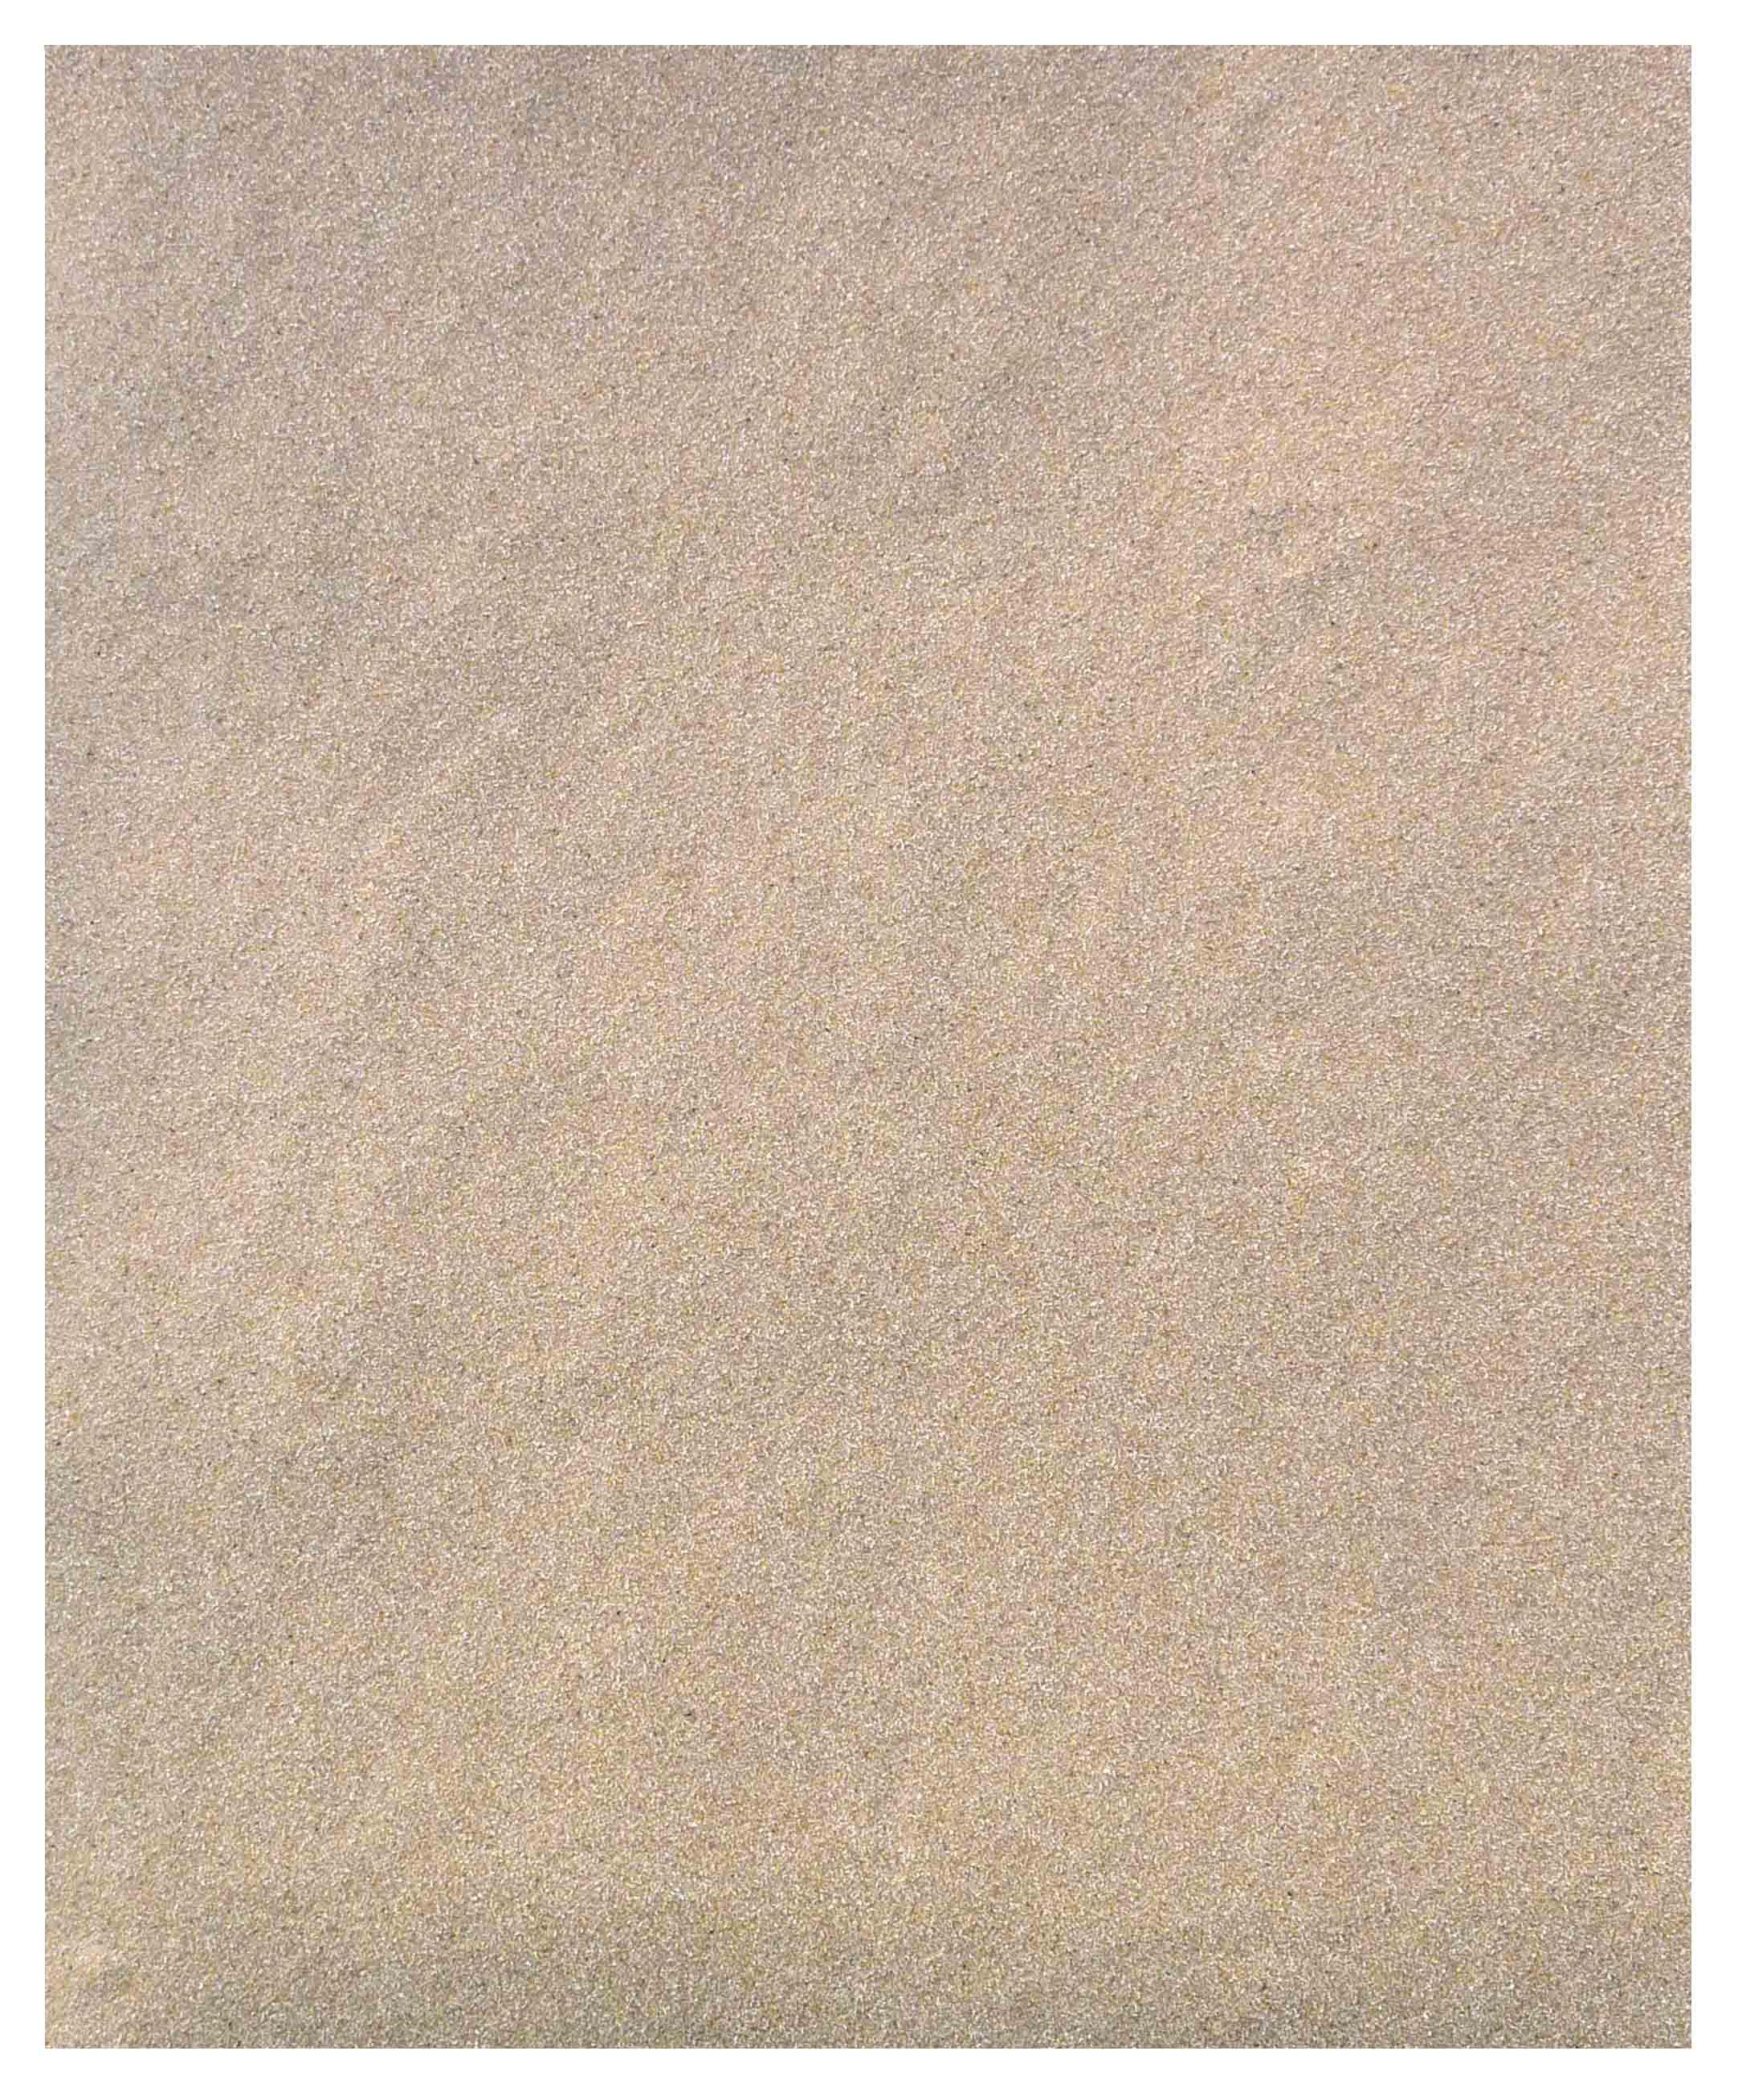 Papier silex 23x28 cm gr.180 - Lot de 50 feuilles